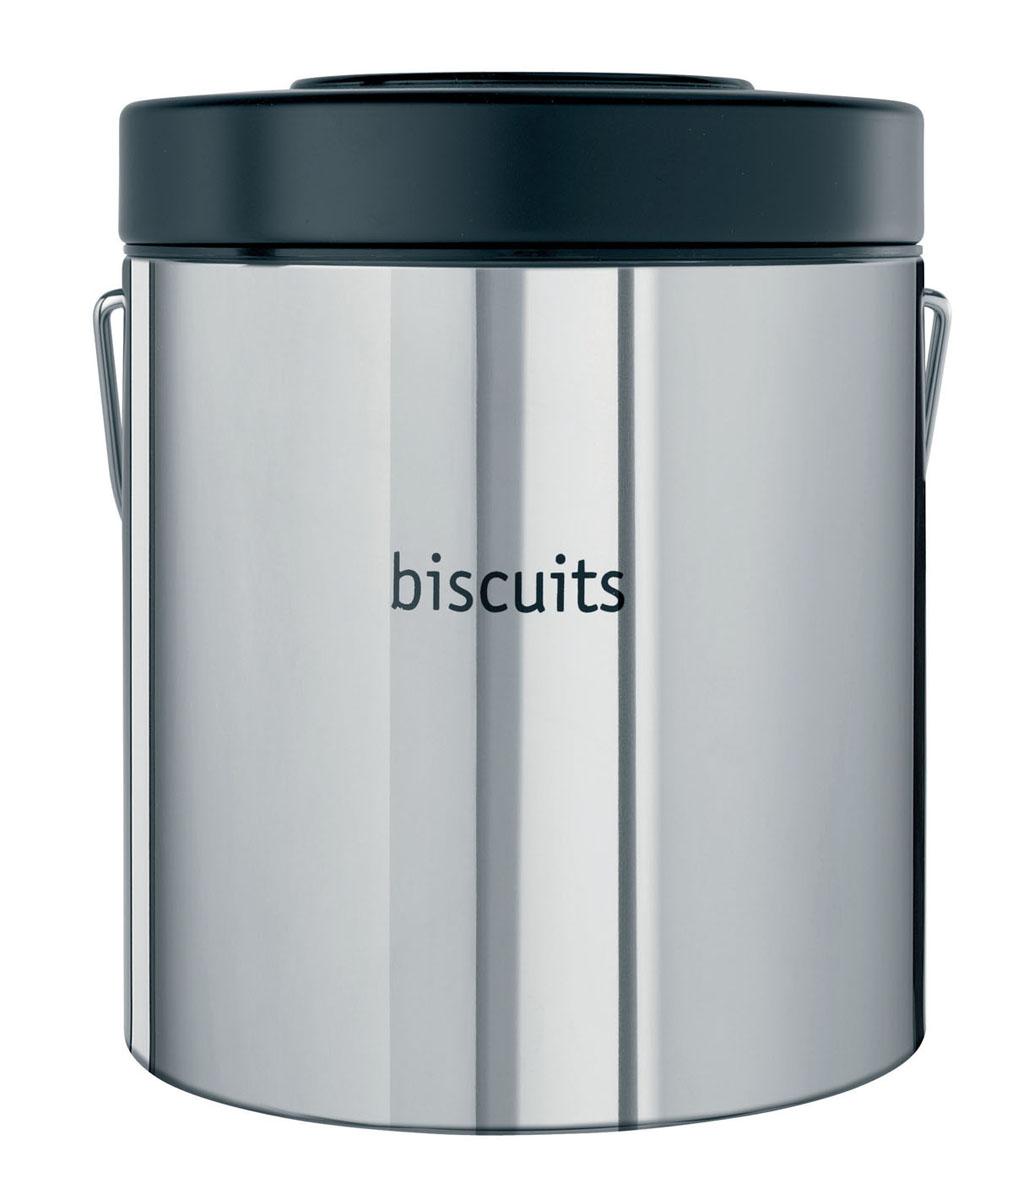 Контейнер для печенья Brabantia, цвет: стальной полированный, 3,5 л. 160301160301Контейнер для хранения печенья с влагопоглощающей капсулой надолго сохранит свежесть и хрустящие свойства печенья. Контейнер имеет легко снимающуюся крышку и удобную металлическую ручку для переноски.Контейнер имеет влагопоглощающую капсулу, позволяющую надолго сохранить свежесть и хрустящие свойства печенья.Для улучшения влагопоглощающих свойств капсулу рекомендуется периодически кратковременно просушивать в горячей духовке. Имеется удобный указатель даты последней сушки капсулы. Семейный размер&raquo - вместимость 3,5 литра. Удобная ручка для переноски. 10-летняя гарантия Brabantia.